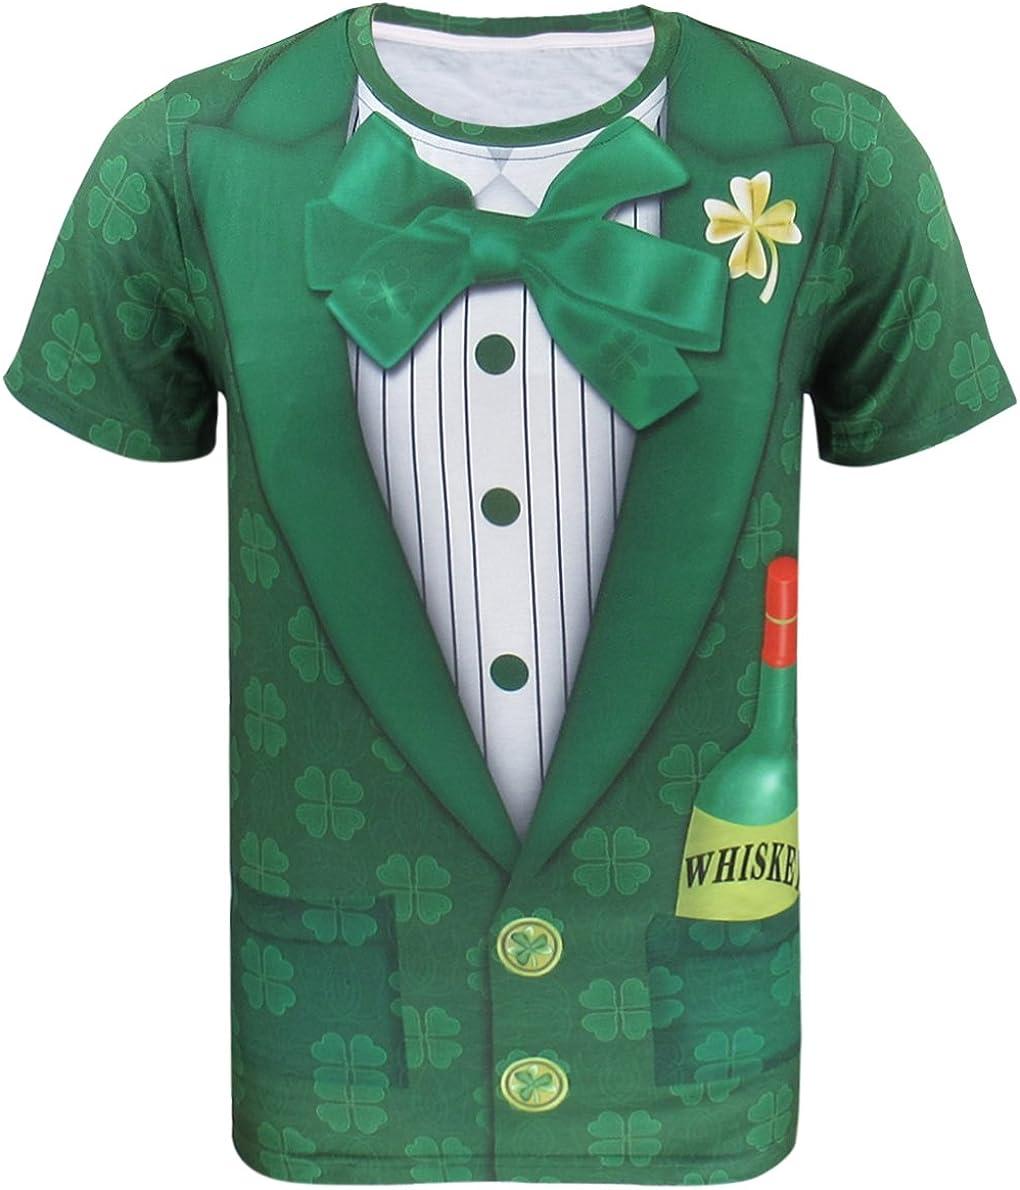 COSAVOROCK Disfraz de Leprechaun Hombre Traje de San Patricio Camiseta Verde